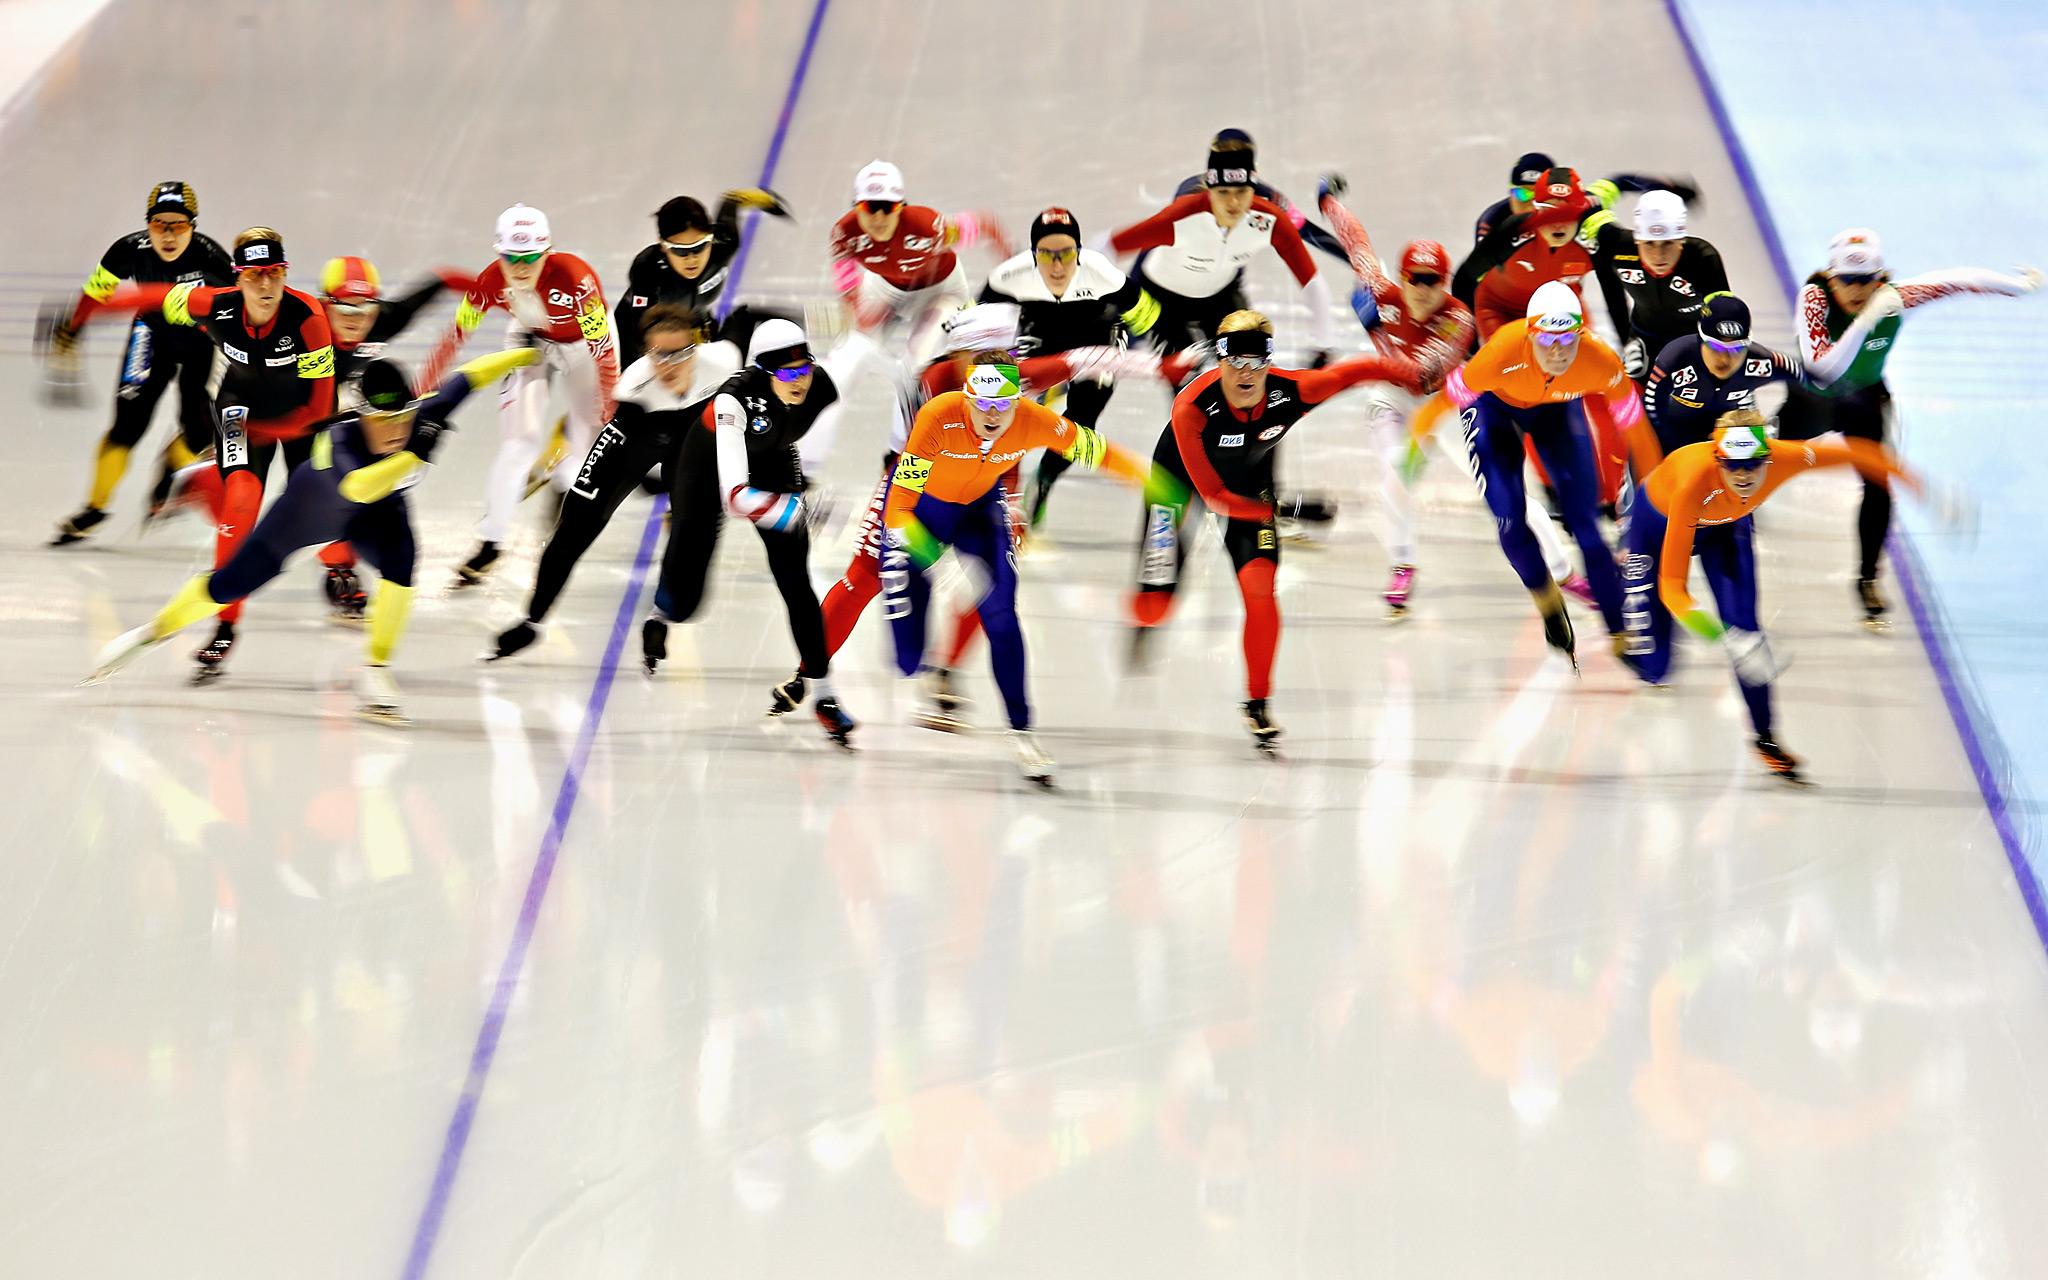 Las carreras en pista corta son una prueba apasionante (Foto:  espn.go.com)